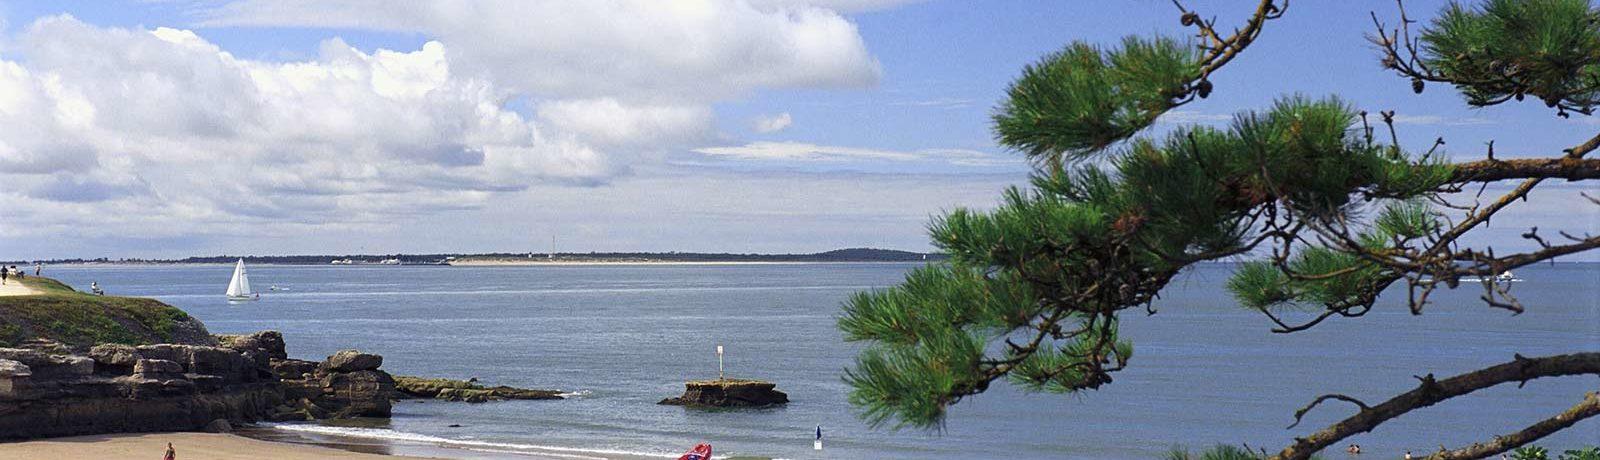 Camping l'Escale in Wacquinghen is een fijne natuurcamping vlak bij de zee in Hauts-de-France, het noorden van Frankrijk.